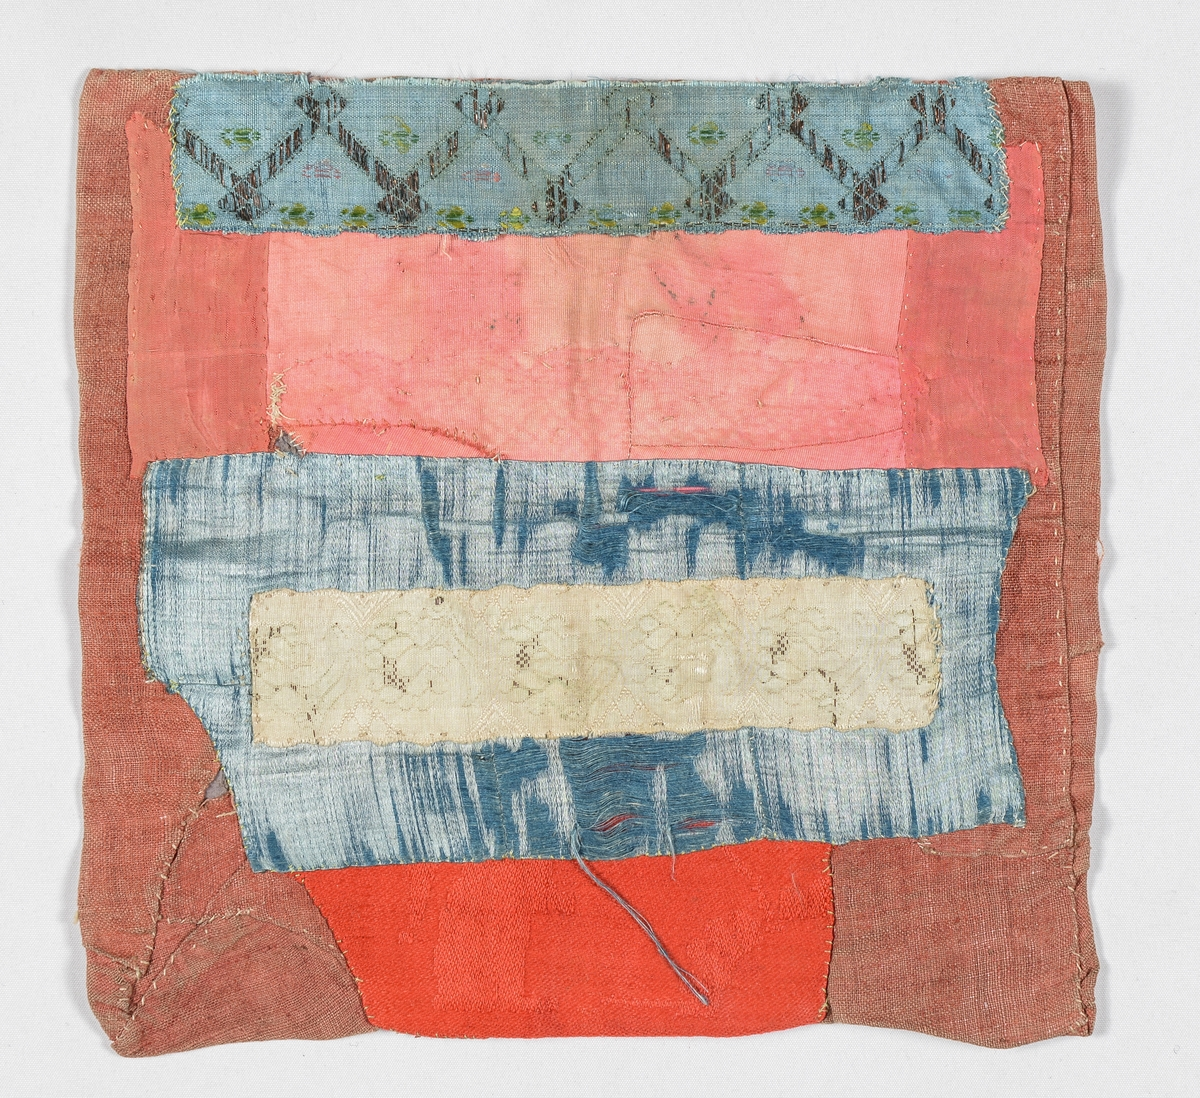 Bringeduk rosa og blå silke.  Blått ripsband med mettallmønster i kanten oppe, under bandet er det også kanta med blå silke. Bakstykket er i raudt lintøy.